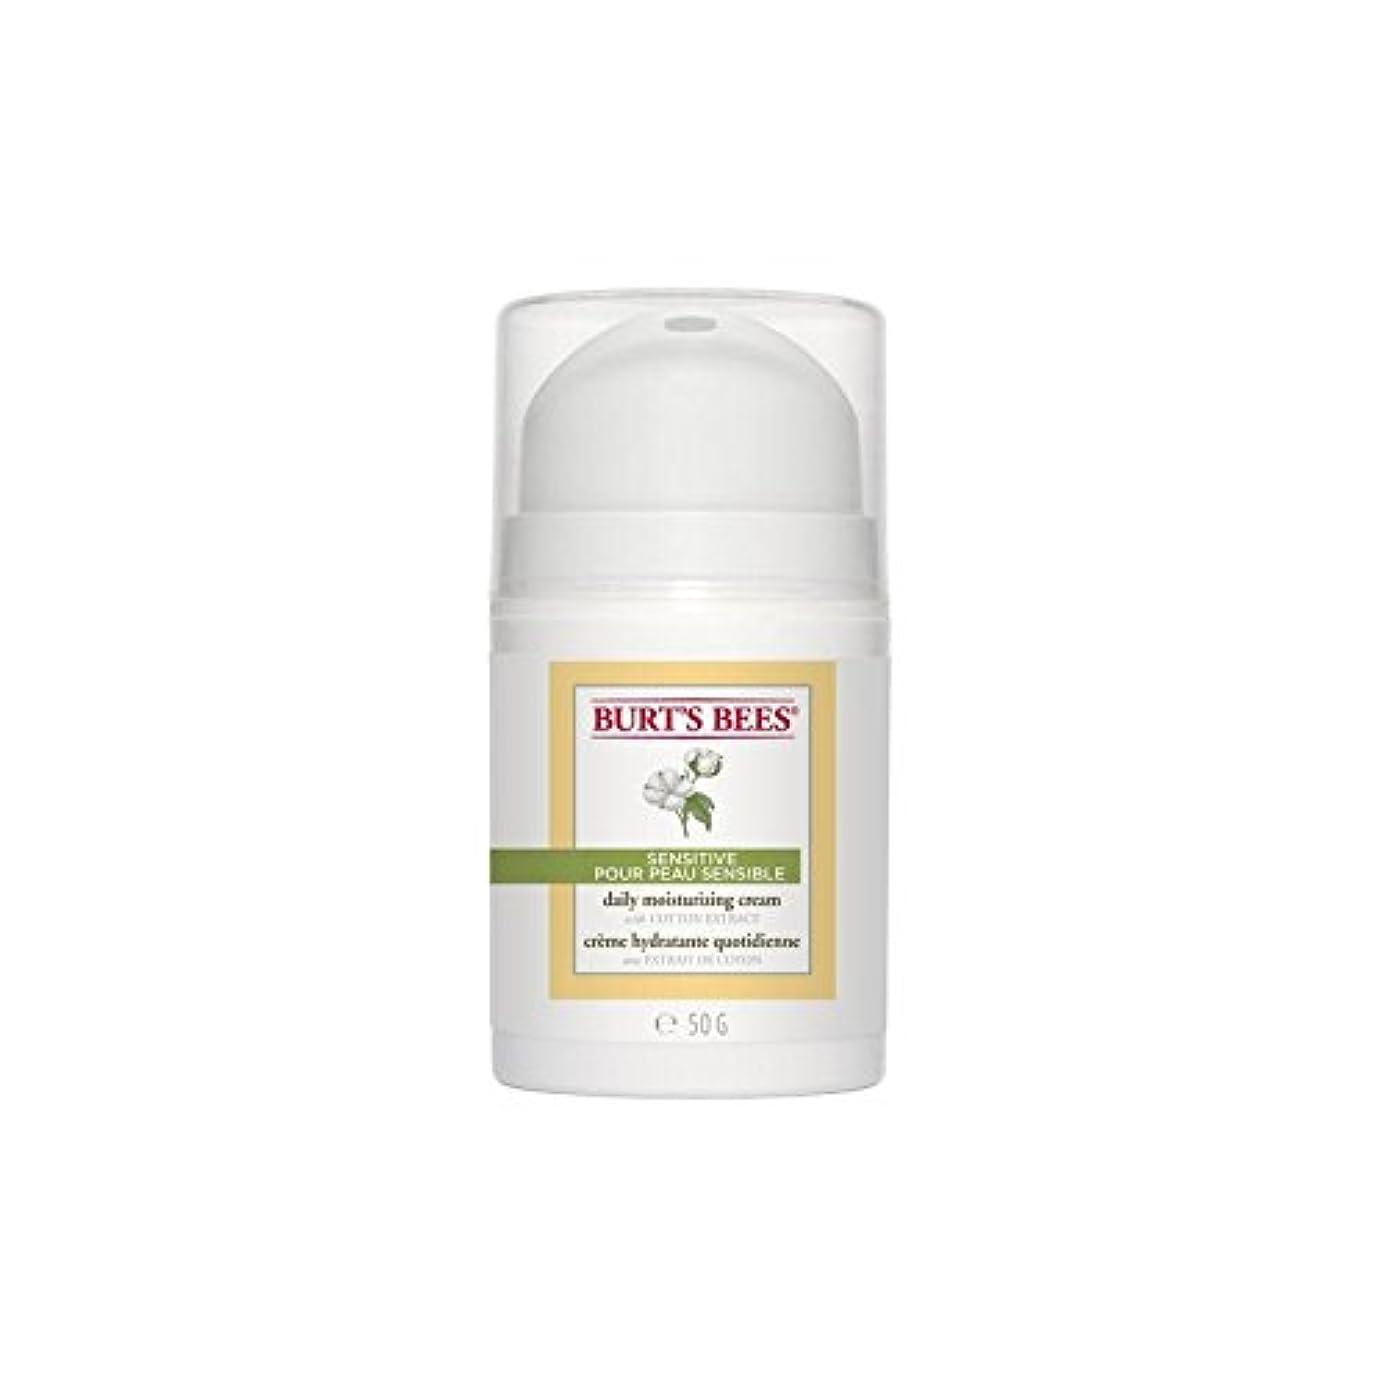 思慮深い十分ではないエラーバーツビー敏感毎日保湿クリーム50グラム x4 - Burt's Bees Sensitive Daily Moisturising Cream 50G (Pack of 4) [並行輸入品]